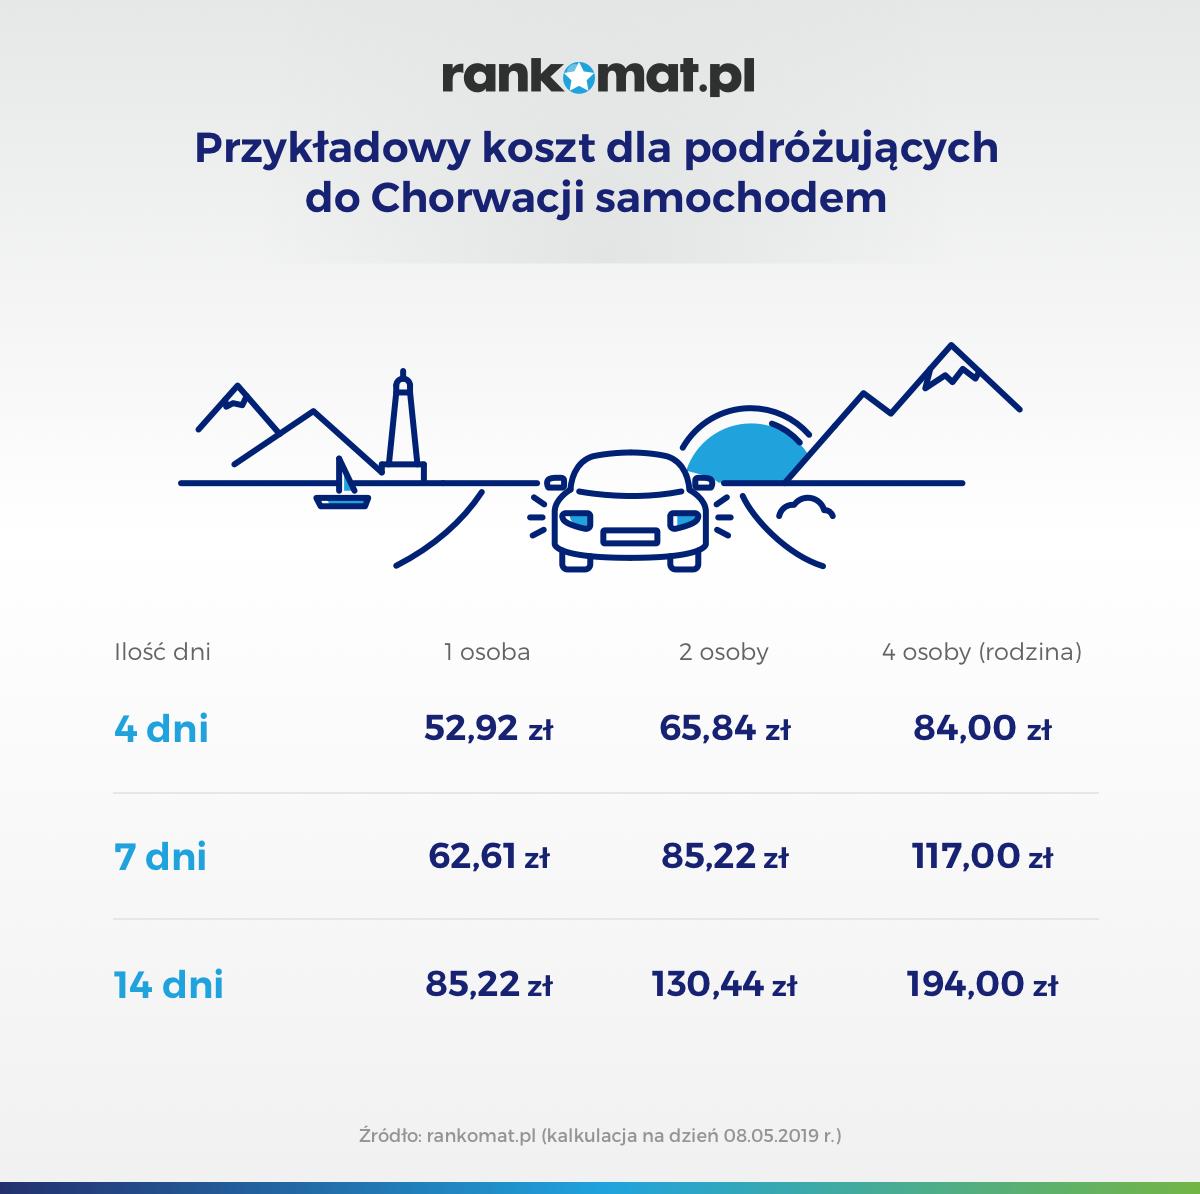 Przykładowy koszt ubezpieczenia dla podróżujących autem do Chorwacji